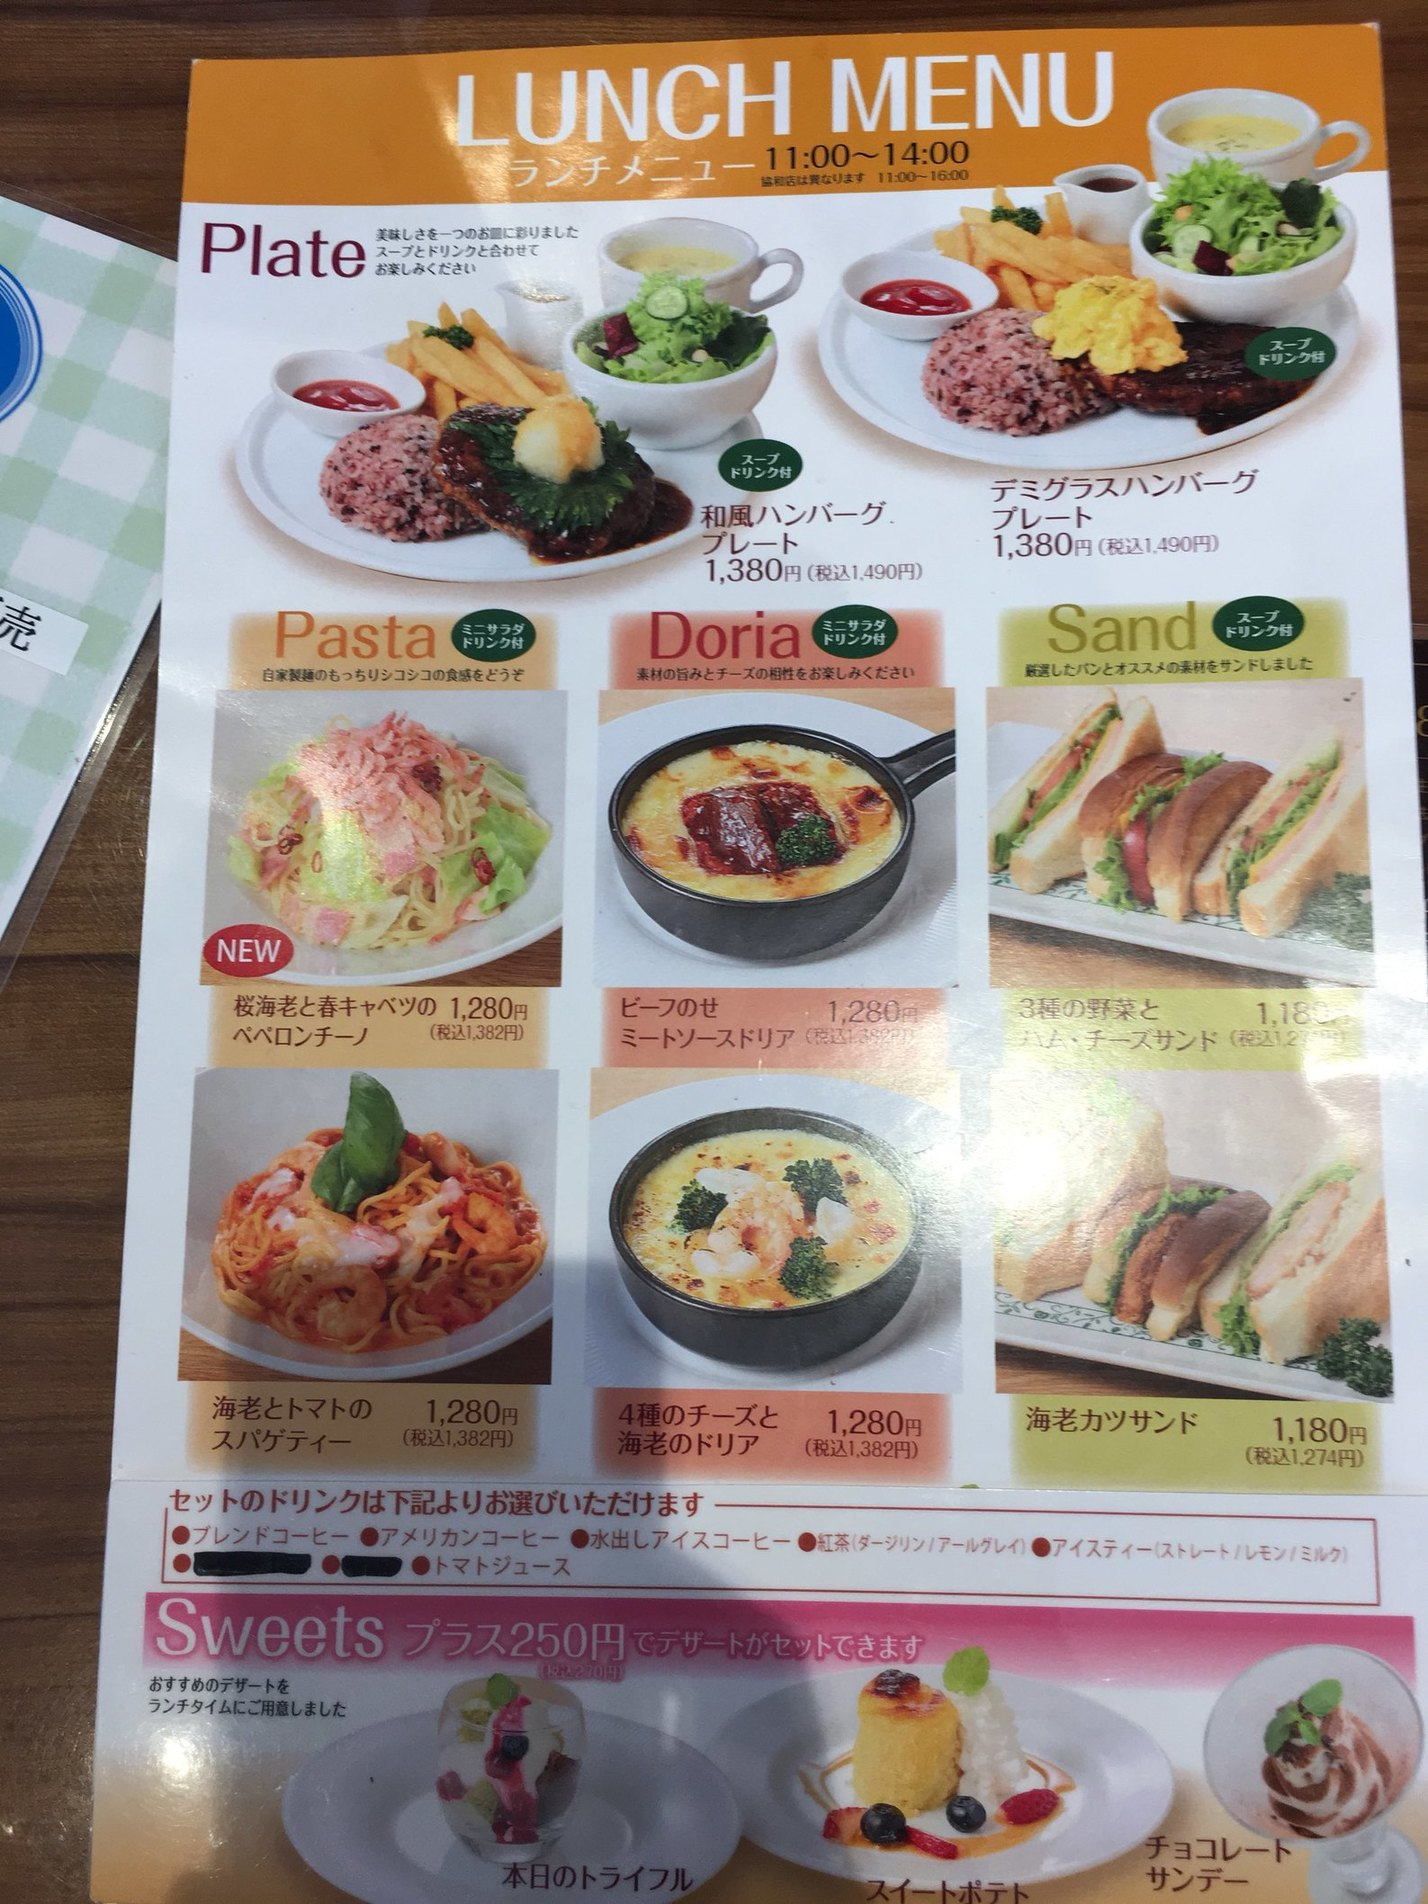 8代葵カフェ 下妻店 name=